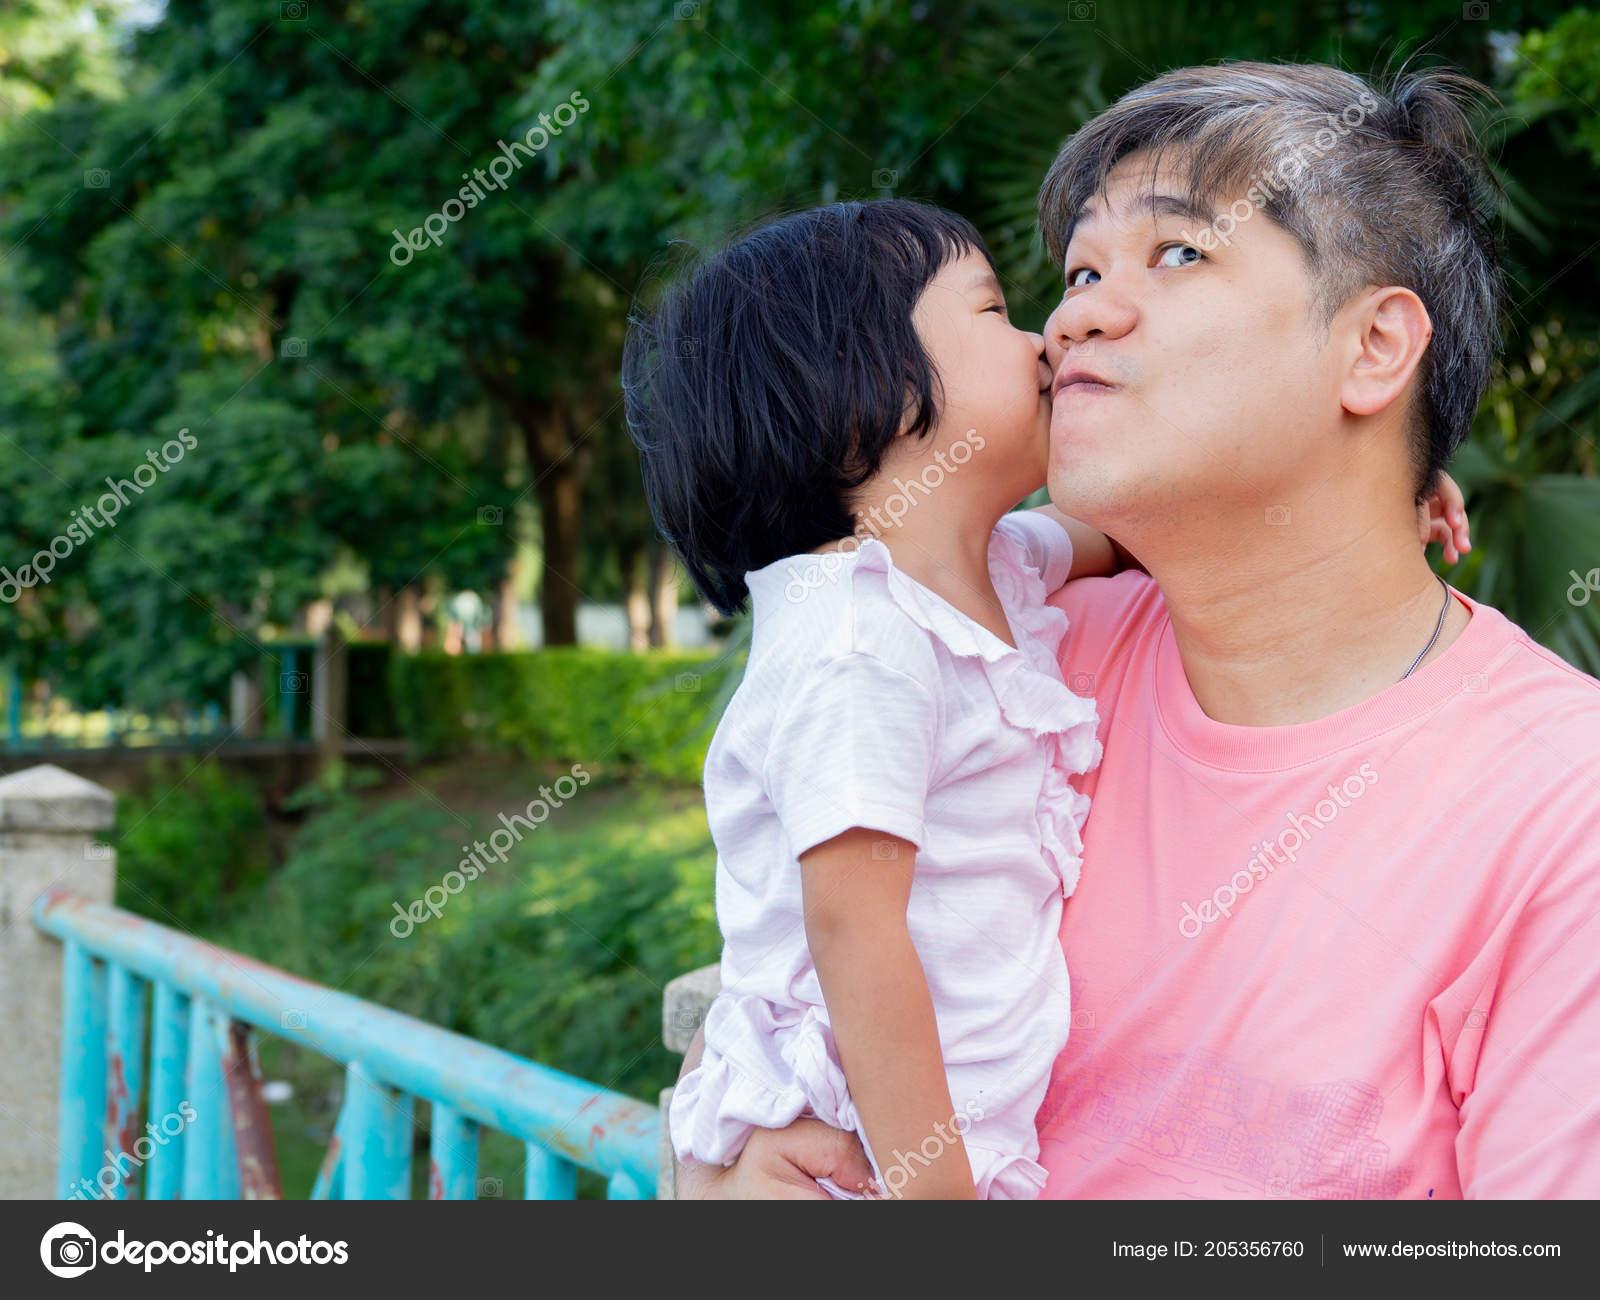 Японские шоу отец и дочь онлайн, Японское порно шоу отец должен отгадать дочь 19 фотография